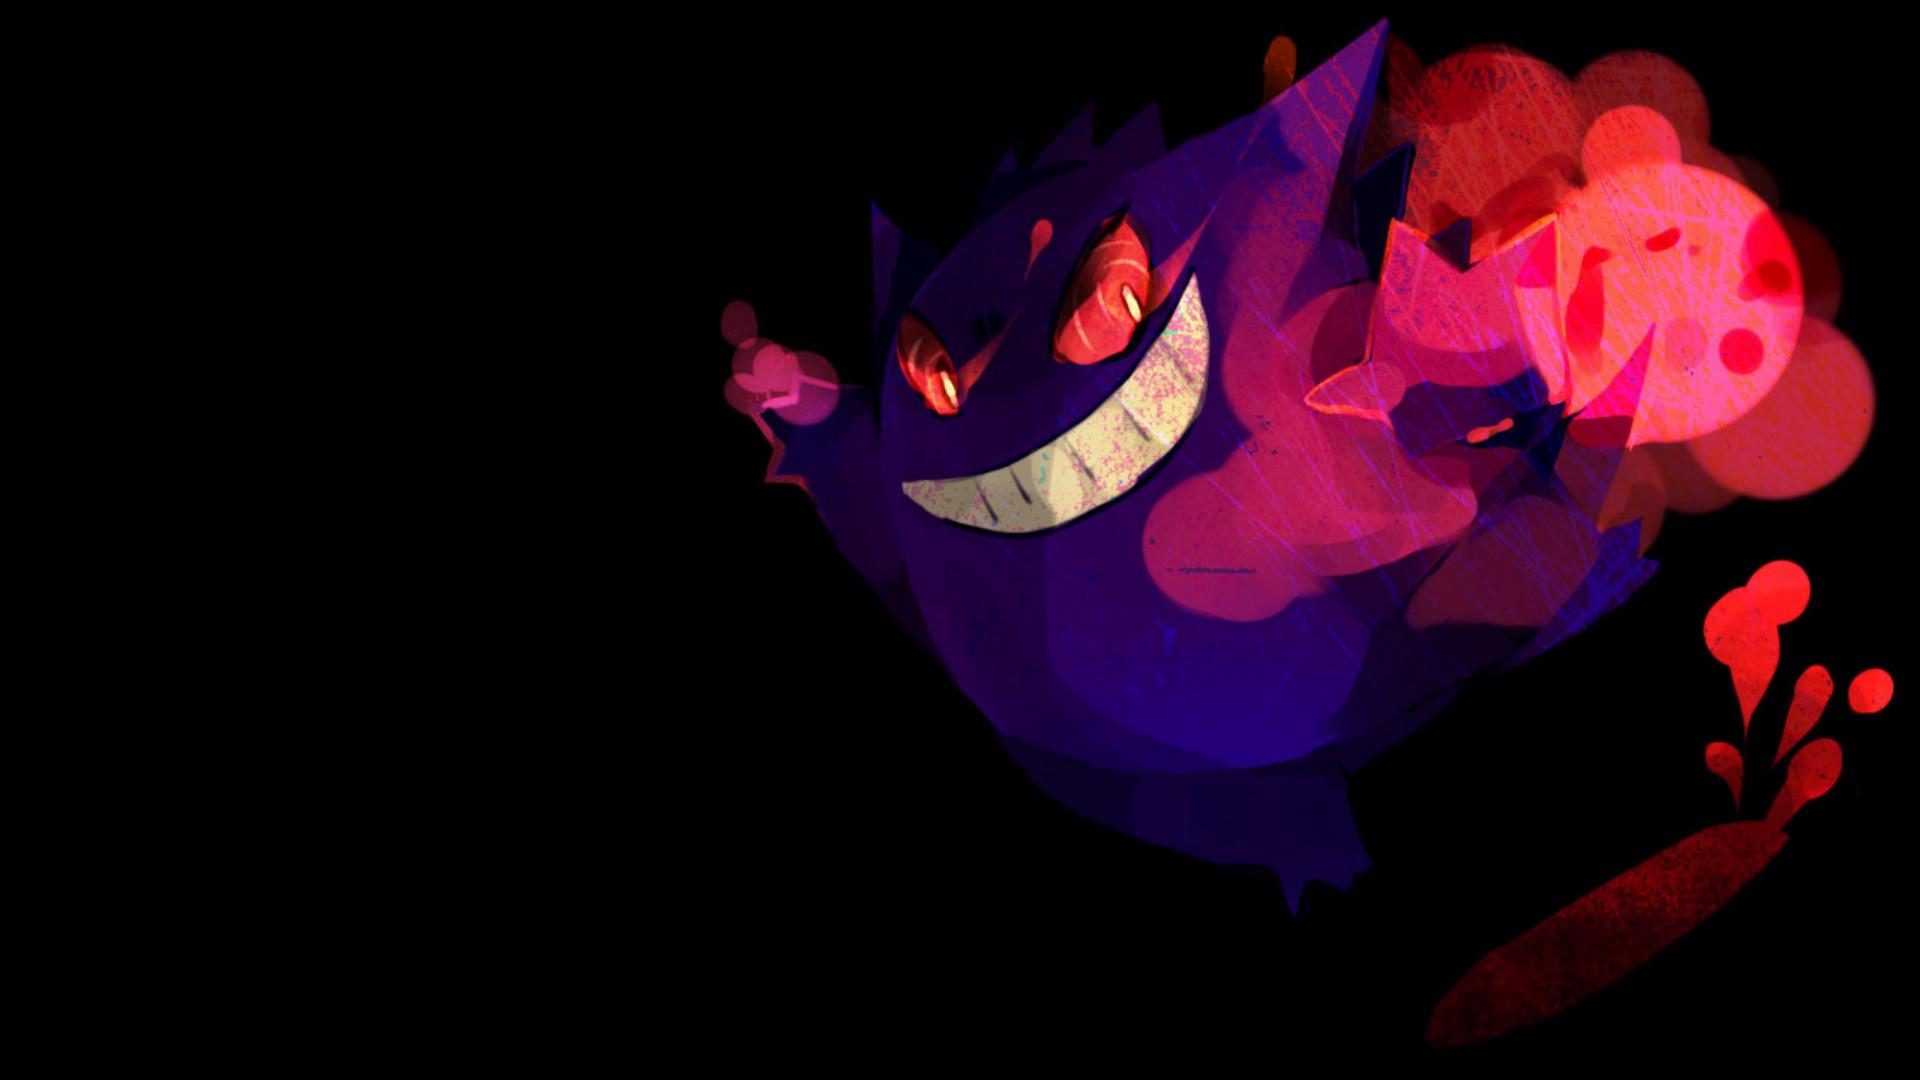 … Pokemon-HD-Wallpapers-Free-Download-Wallpaperxyz.com-22 …